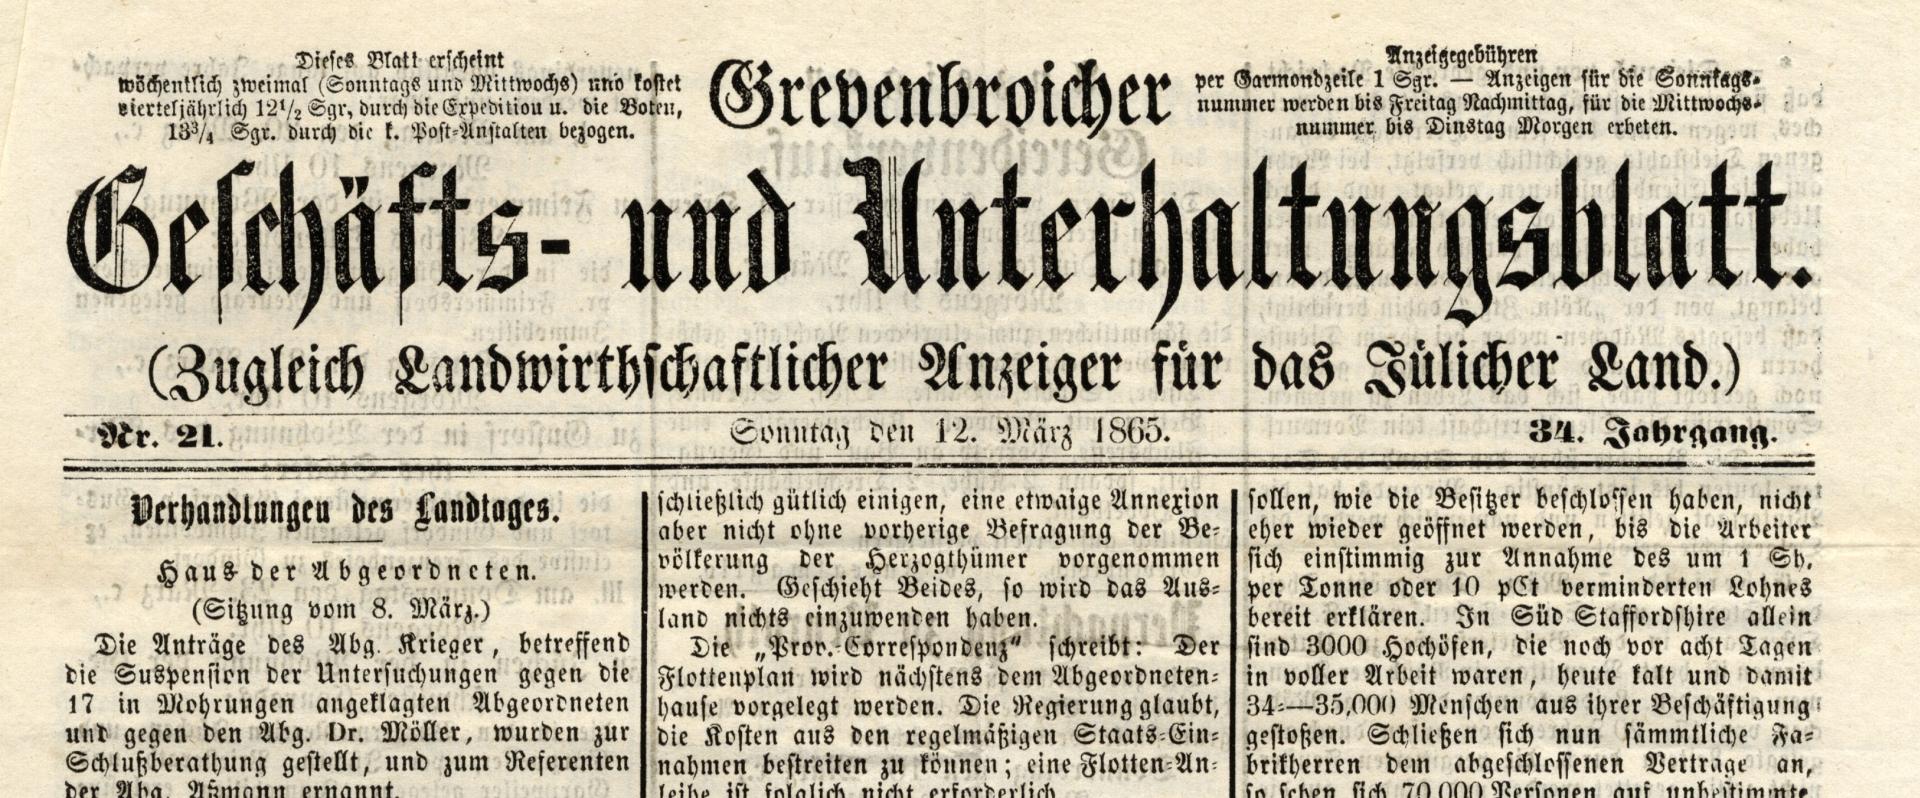 Geschäfts- und Unterhaltungsblatt 1865 (Sammlung Larisch)